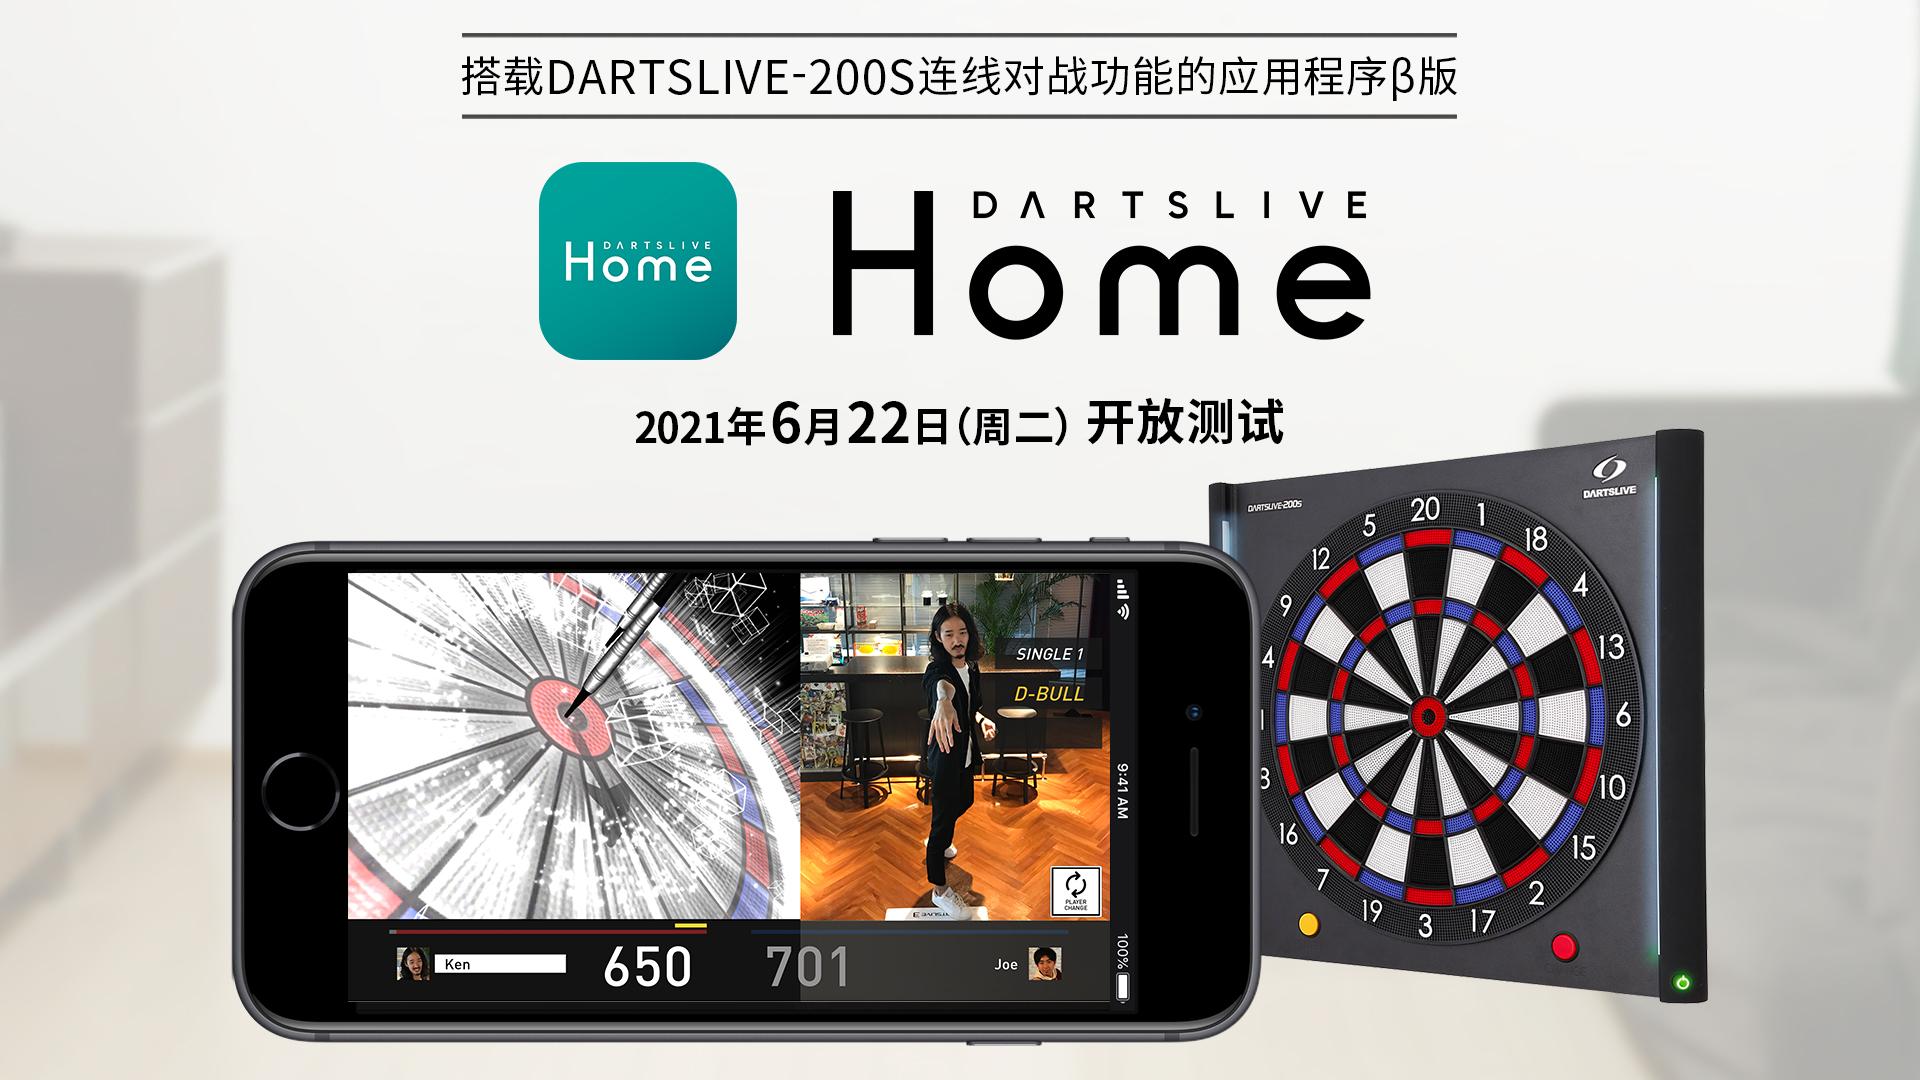 在家即可连线对战!应用程序「DARTSLIVE HOME」β版登场